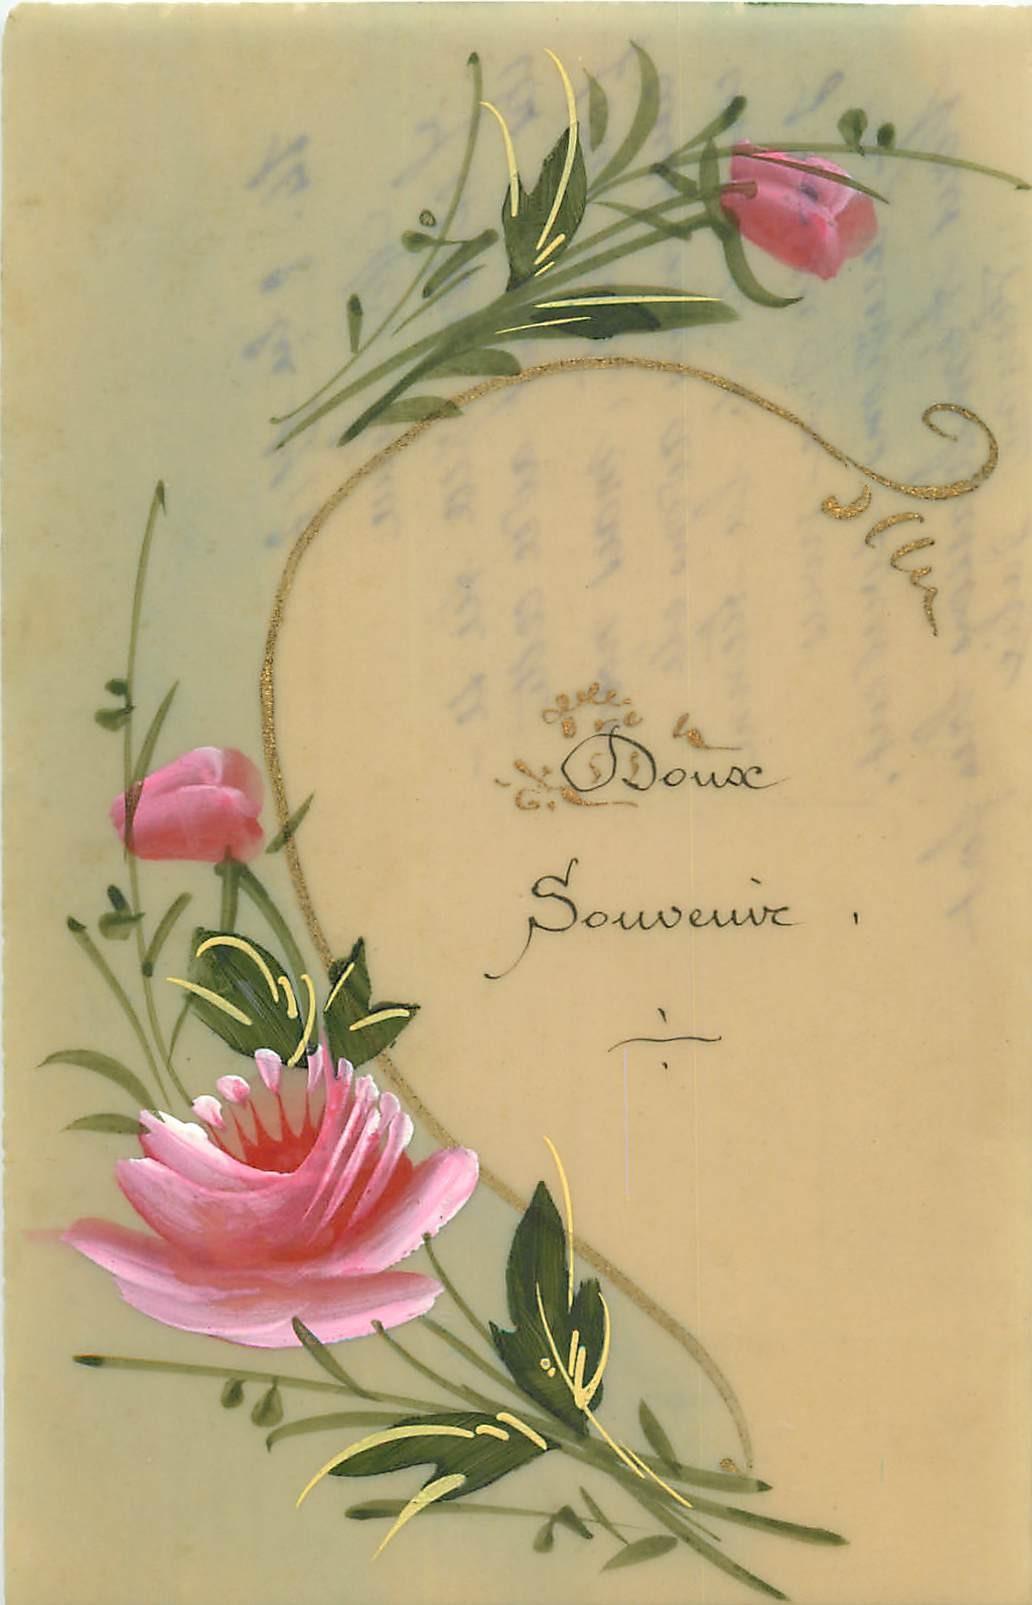 Au Jardin Fleuri Inspirant Fleurs Doux souvenir Roses Peintes  La Main Sur Cellulo¯d 1917 Of 80 Best Of Au Jardin Fleuri